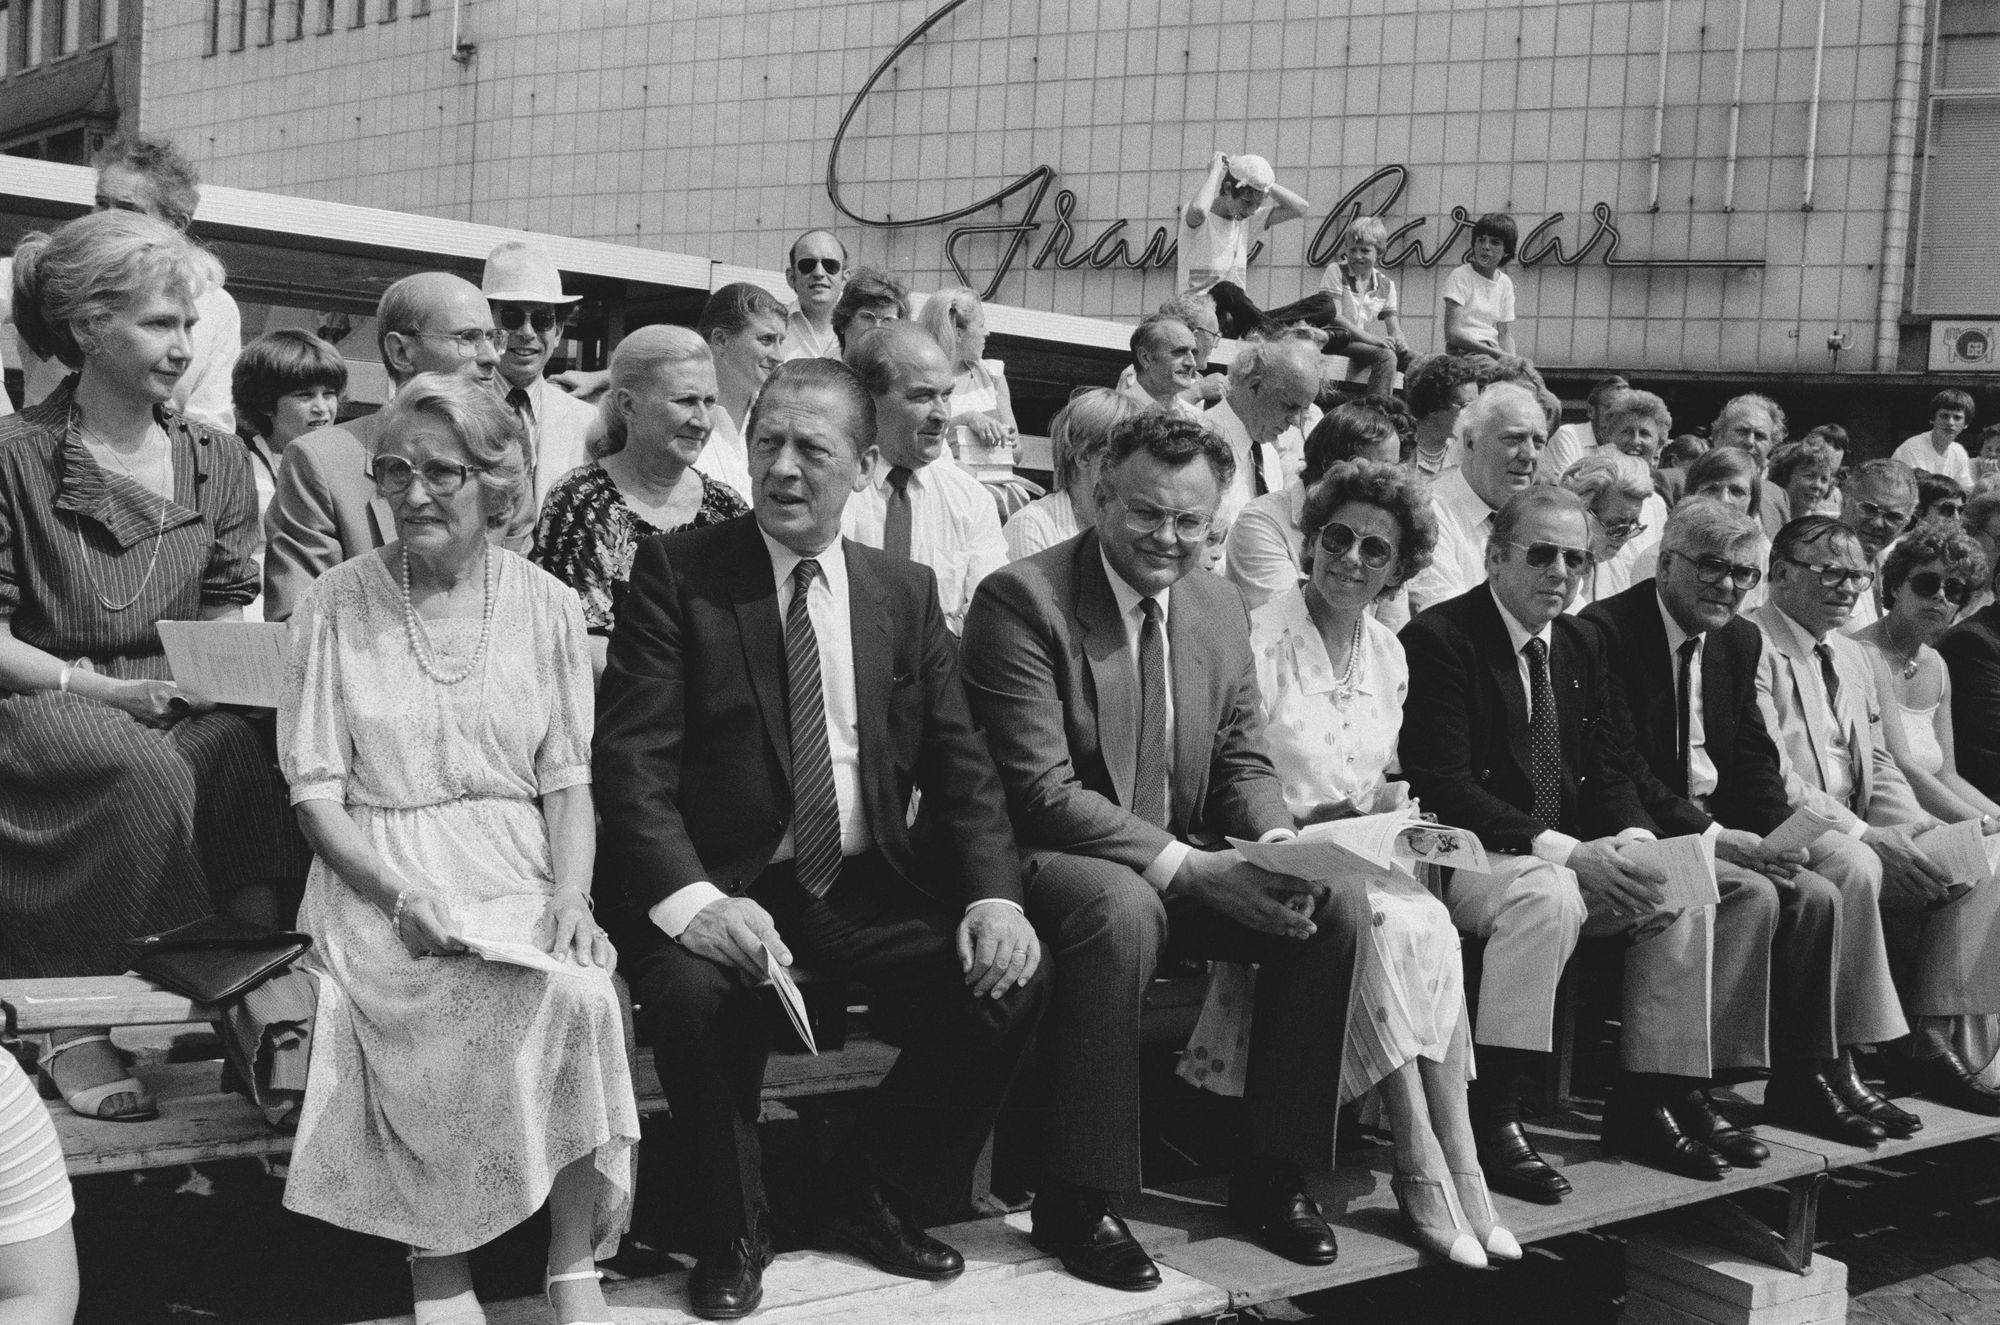 Toeschouwers bij de optocht tijdens de 11 juliviering 1982